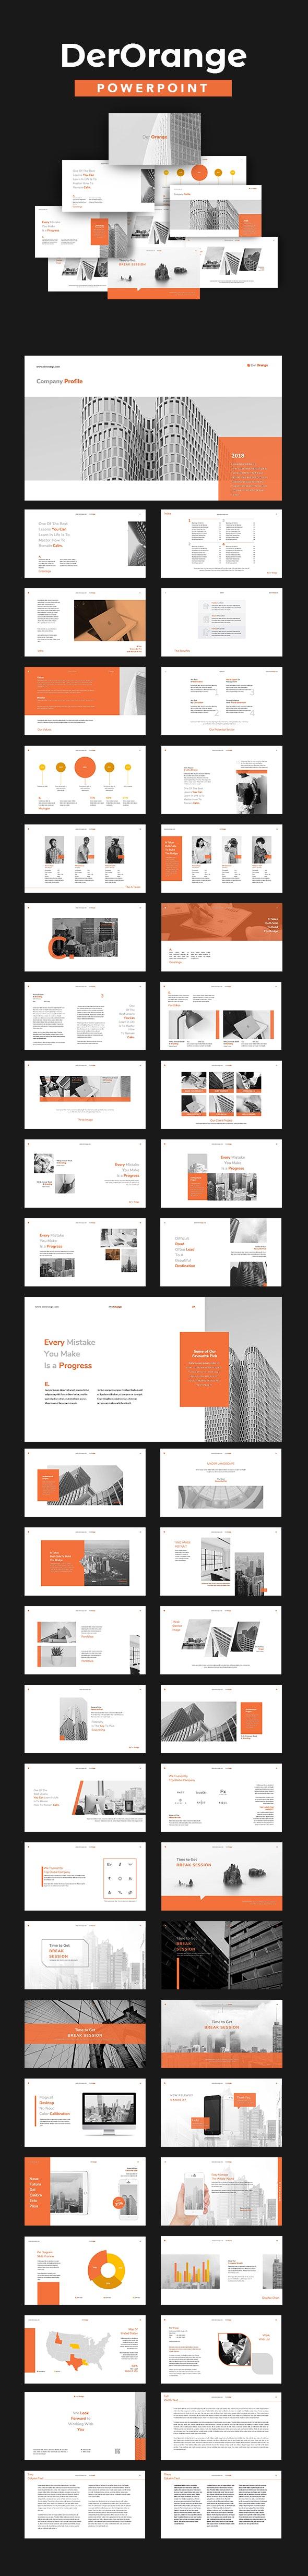 Der Orange Powerpoint - Business PowerPoint Templates